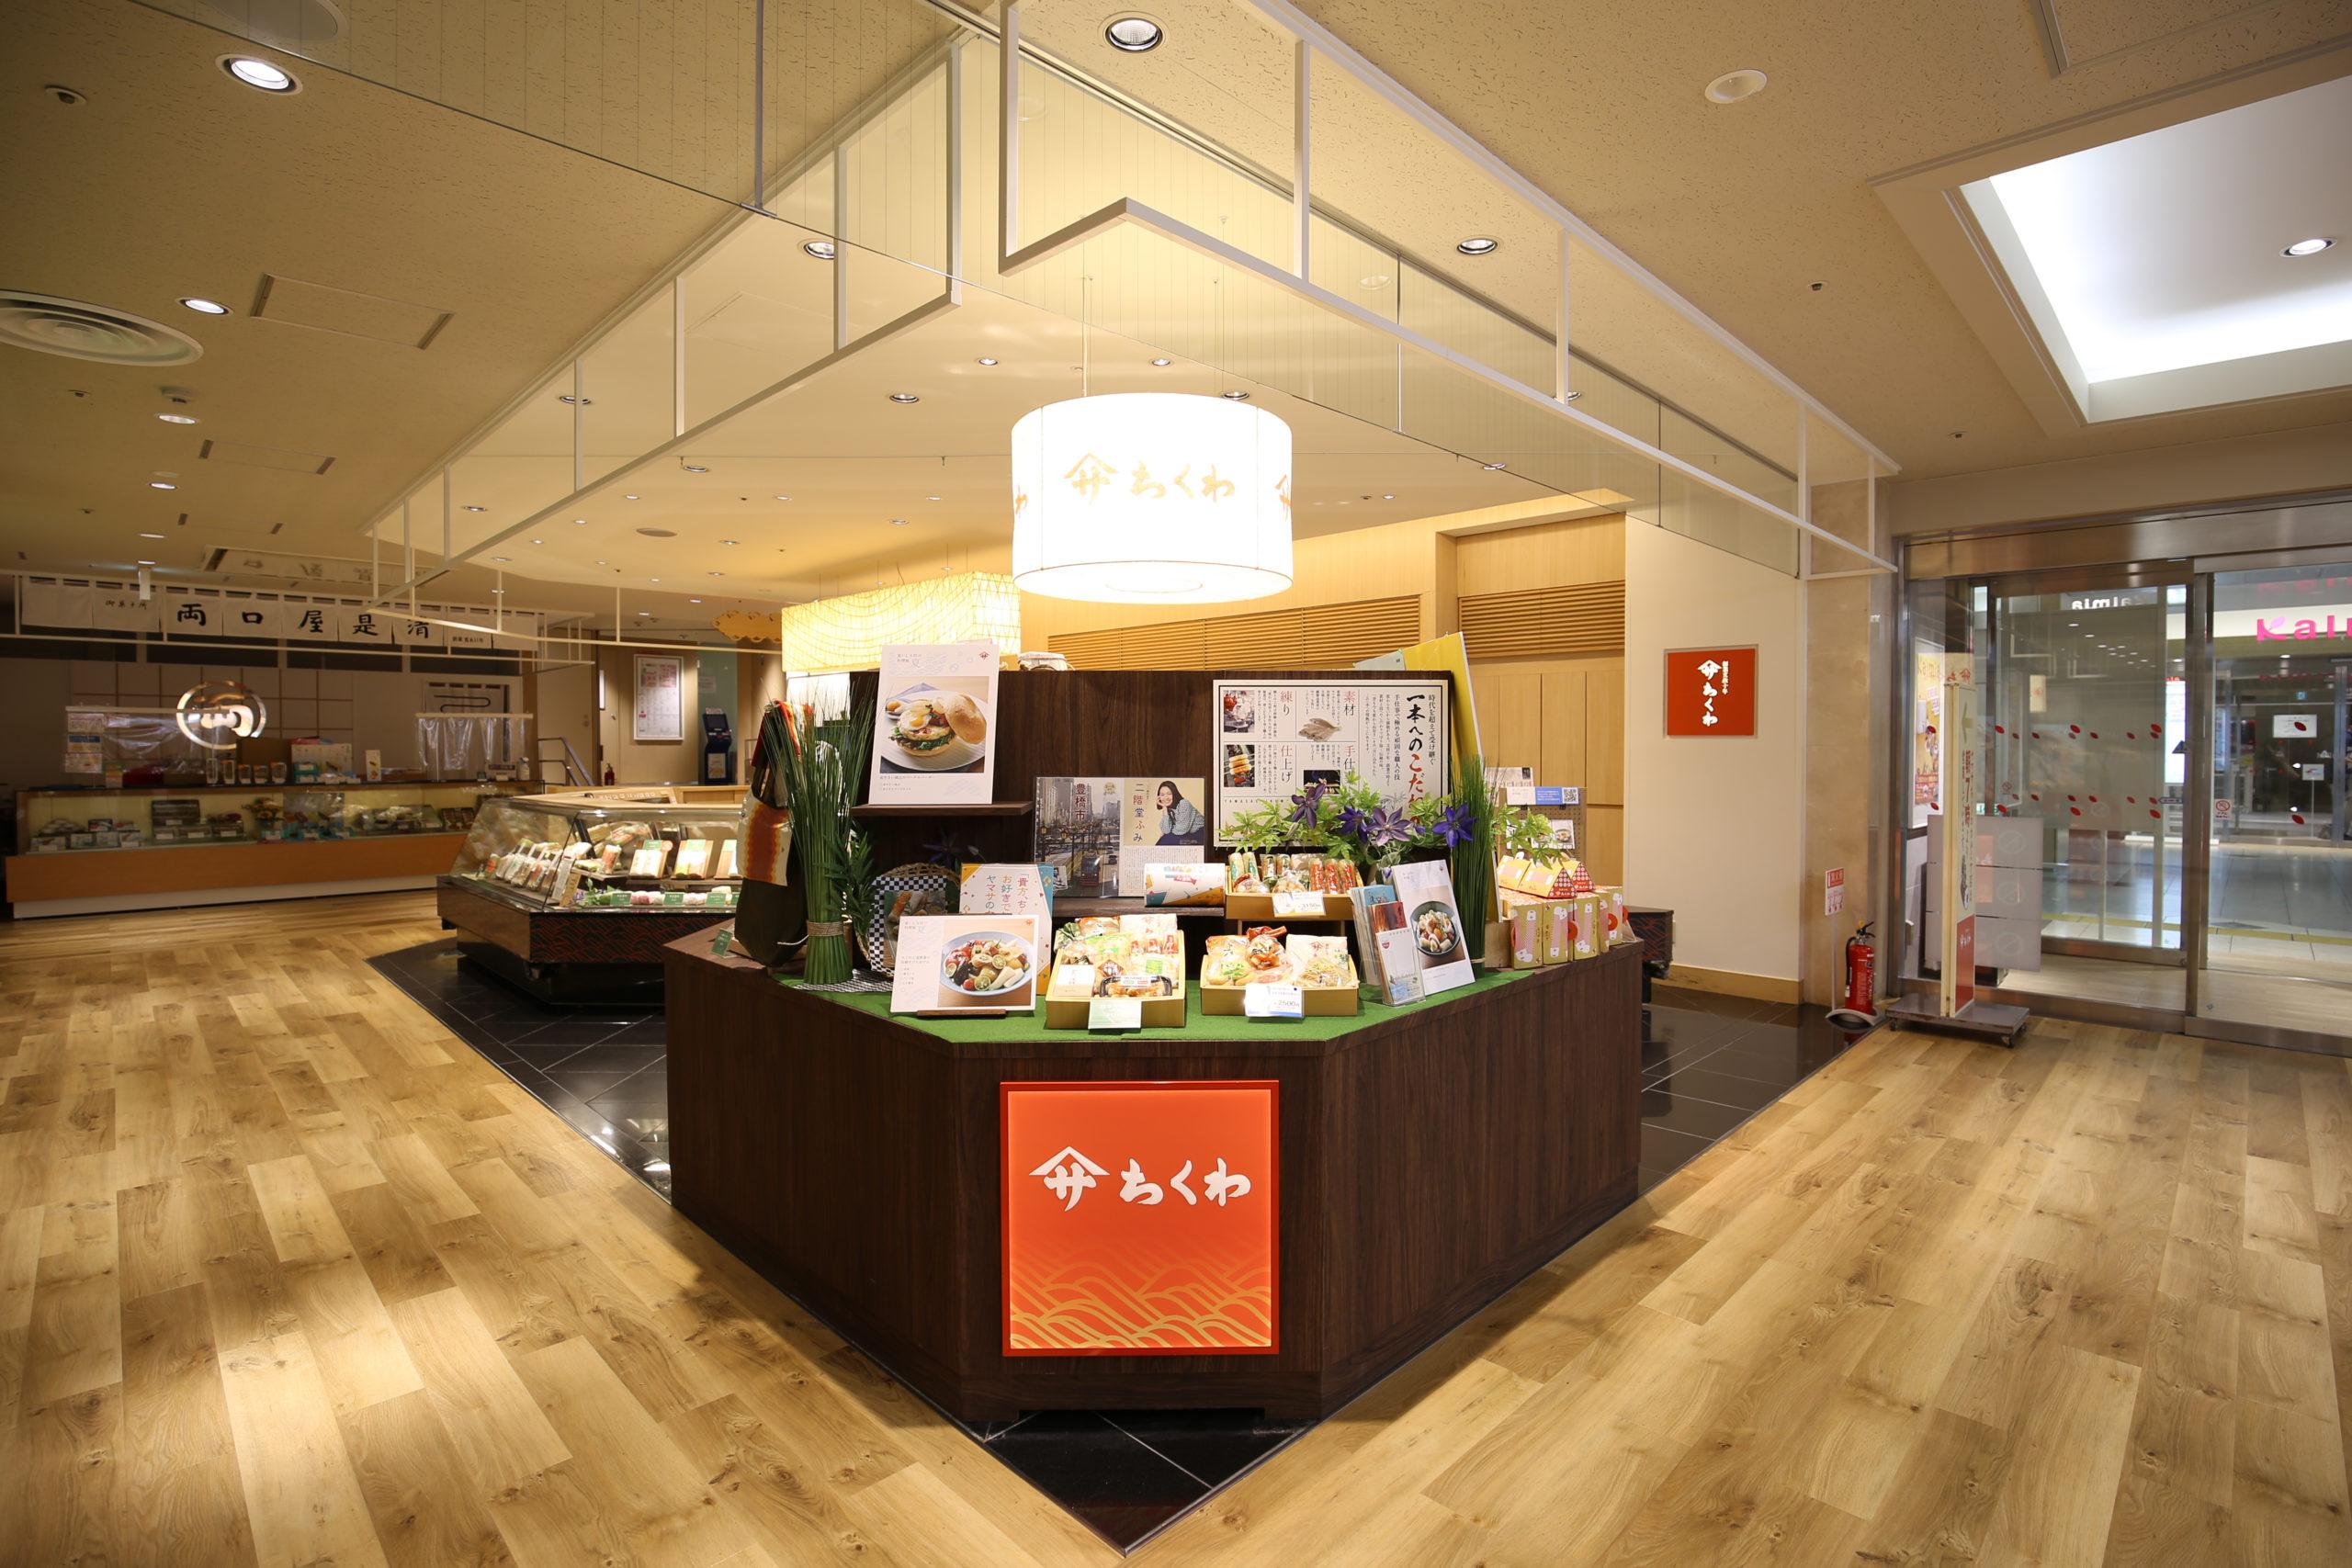 ヤマサちくわ 豊橋駅カルミア店&三味 カルミア店